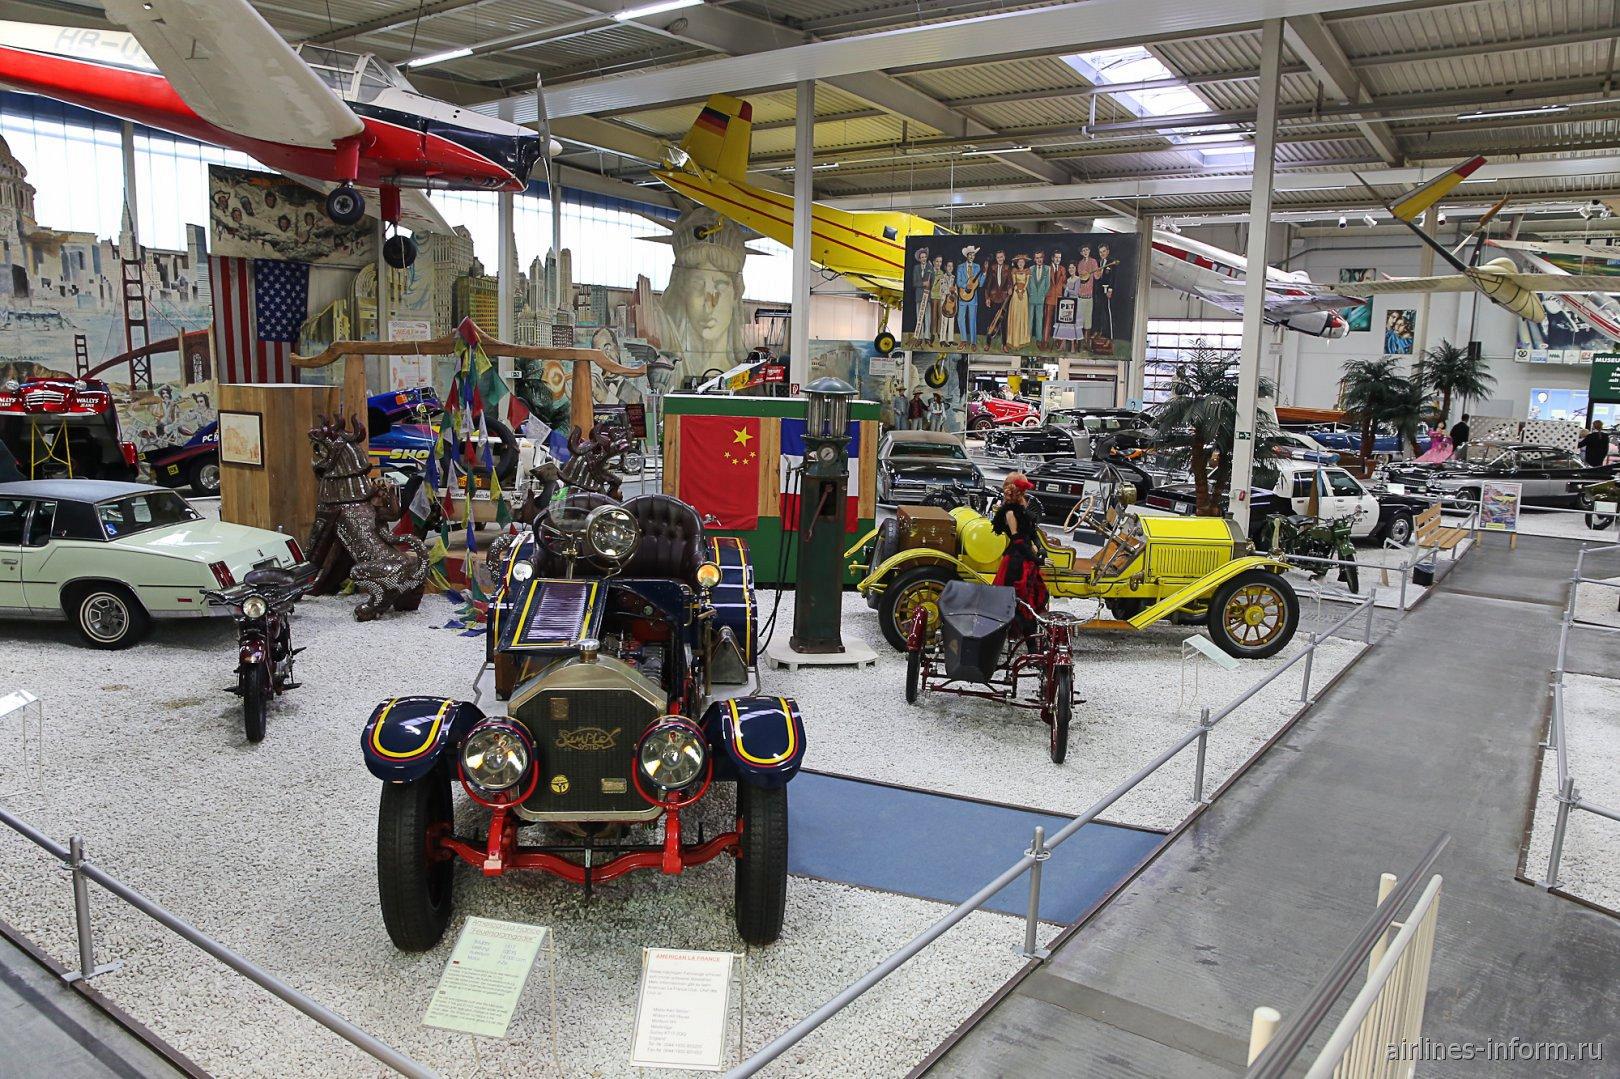 Автомобили в павильоне 1 музея техники в Зинсхайме